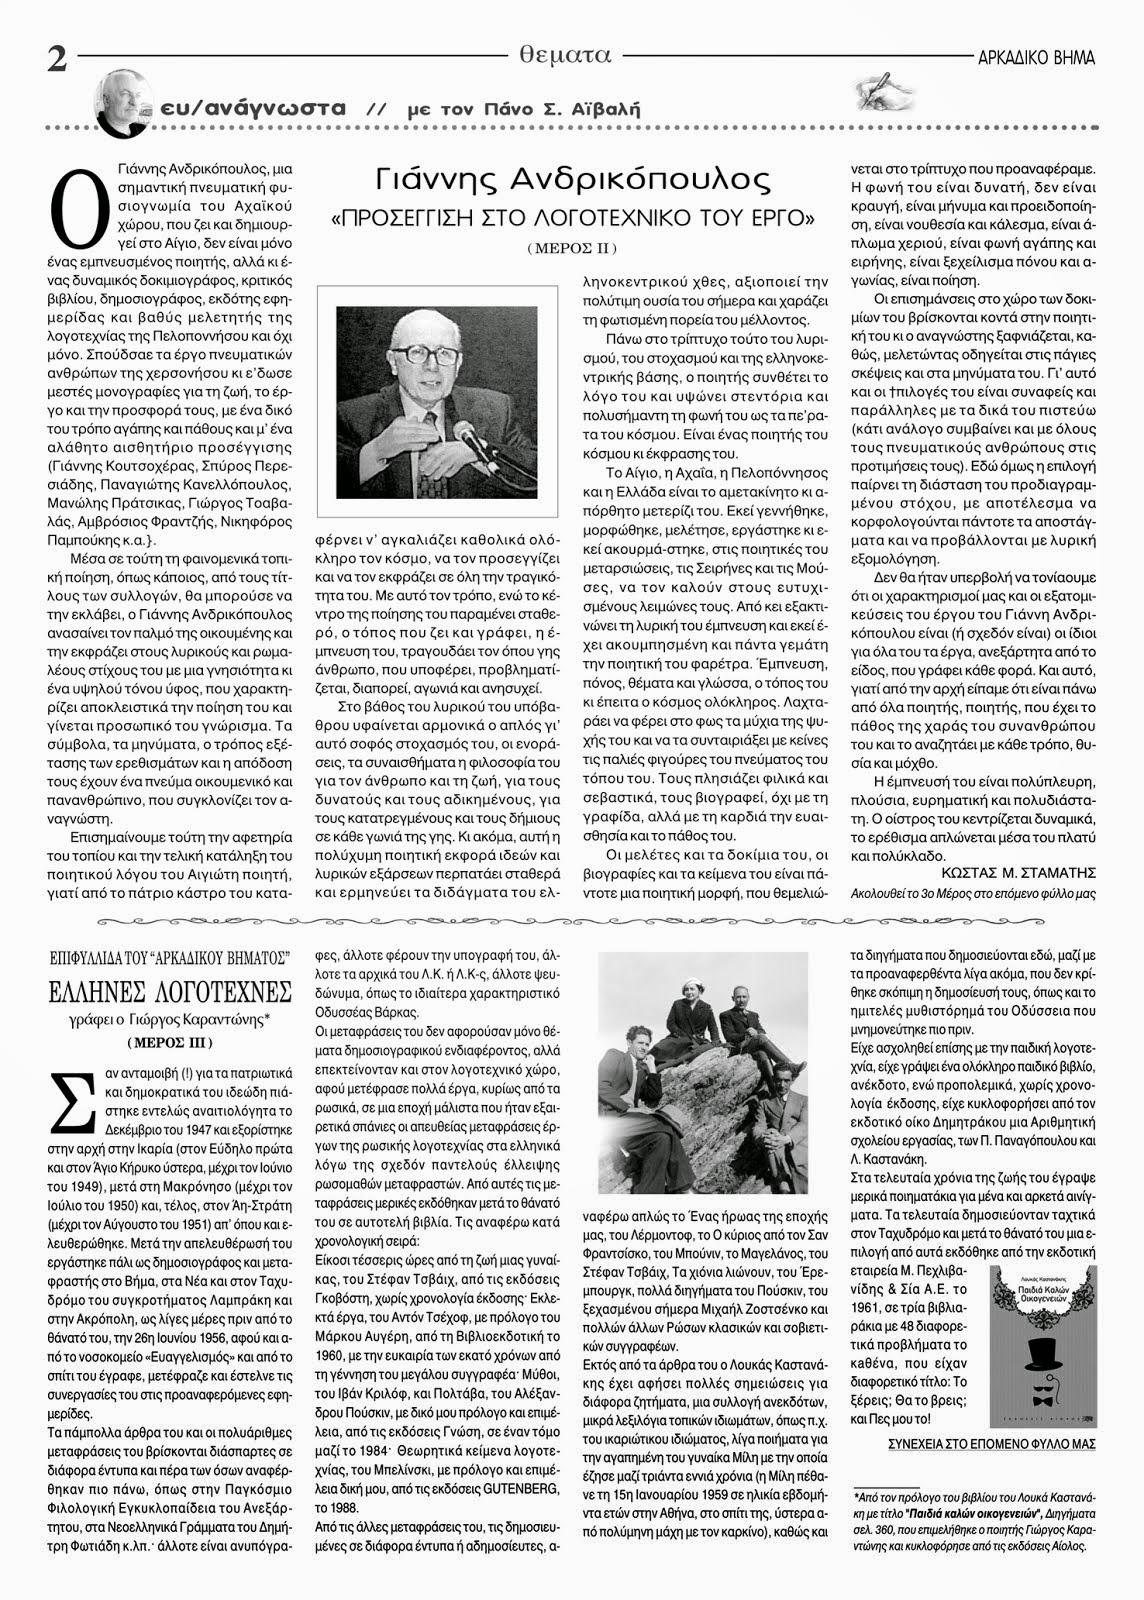 'Ελληνες Λογοτέχνες - Γιάννης Ανδρικόπουλος από το Αίγιο Αχαϊας